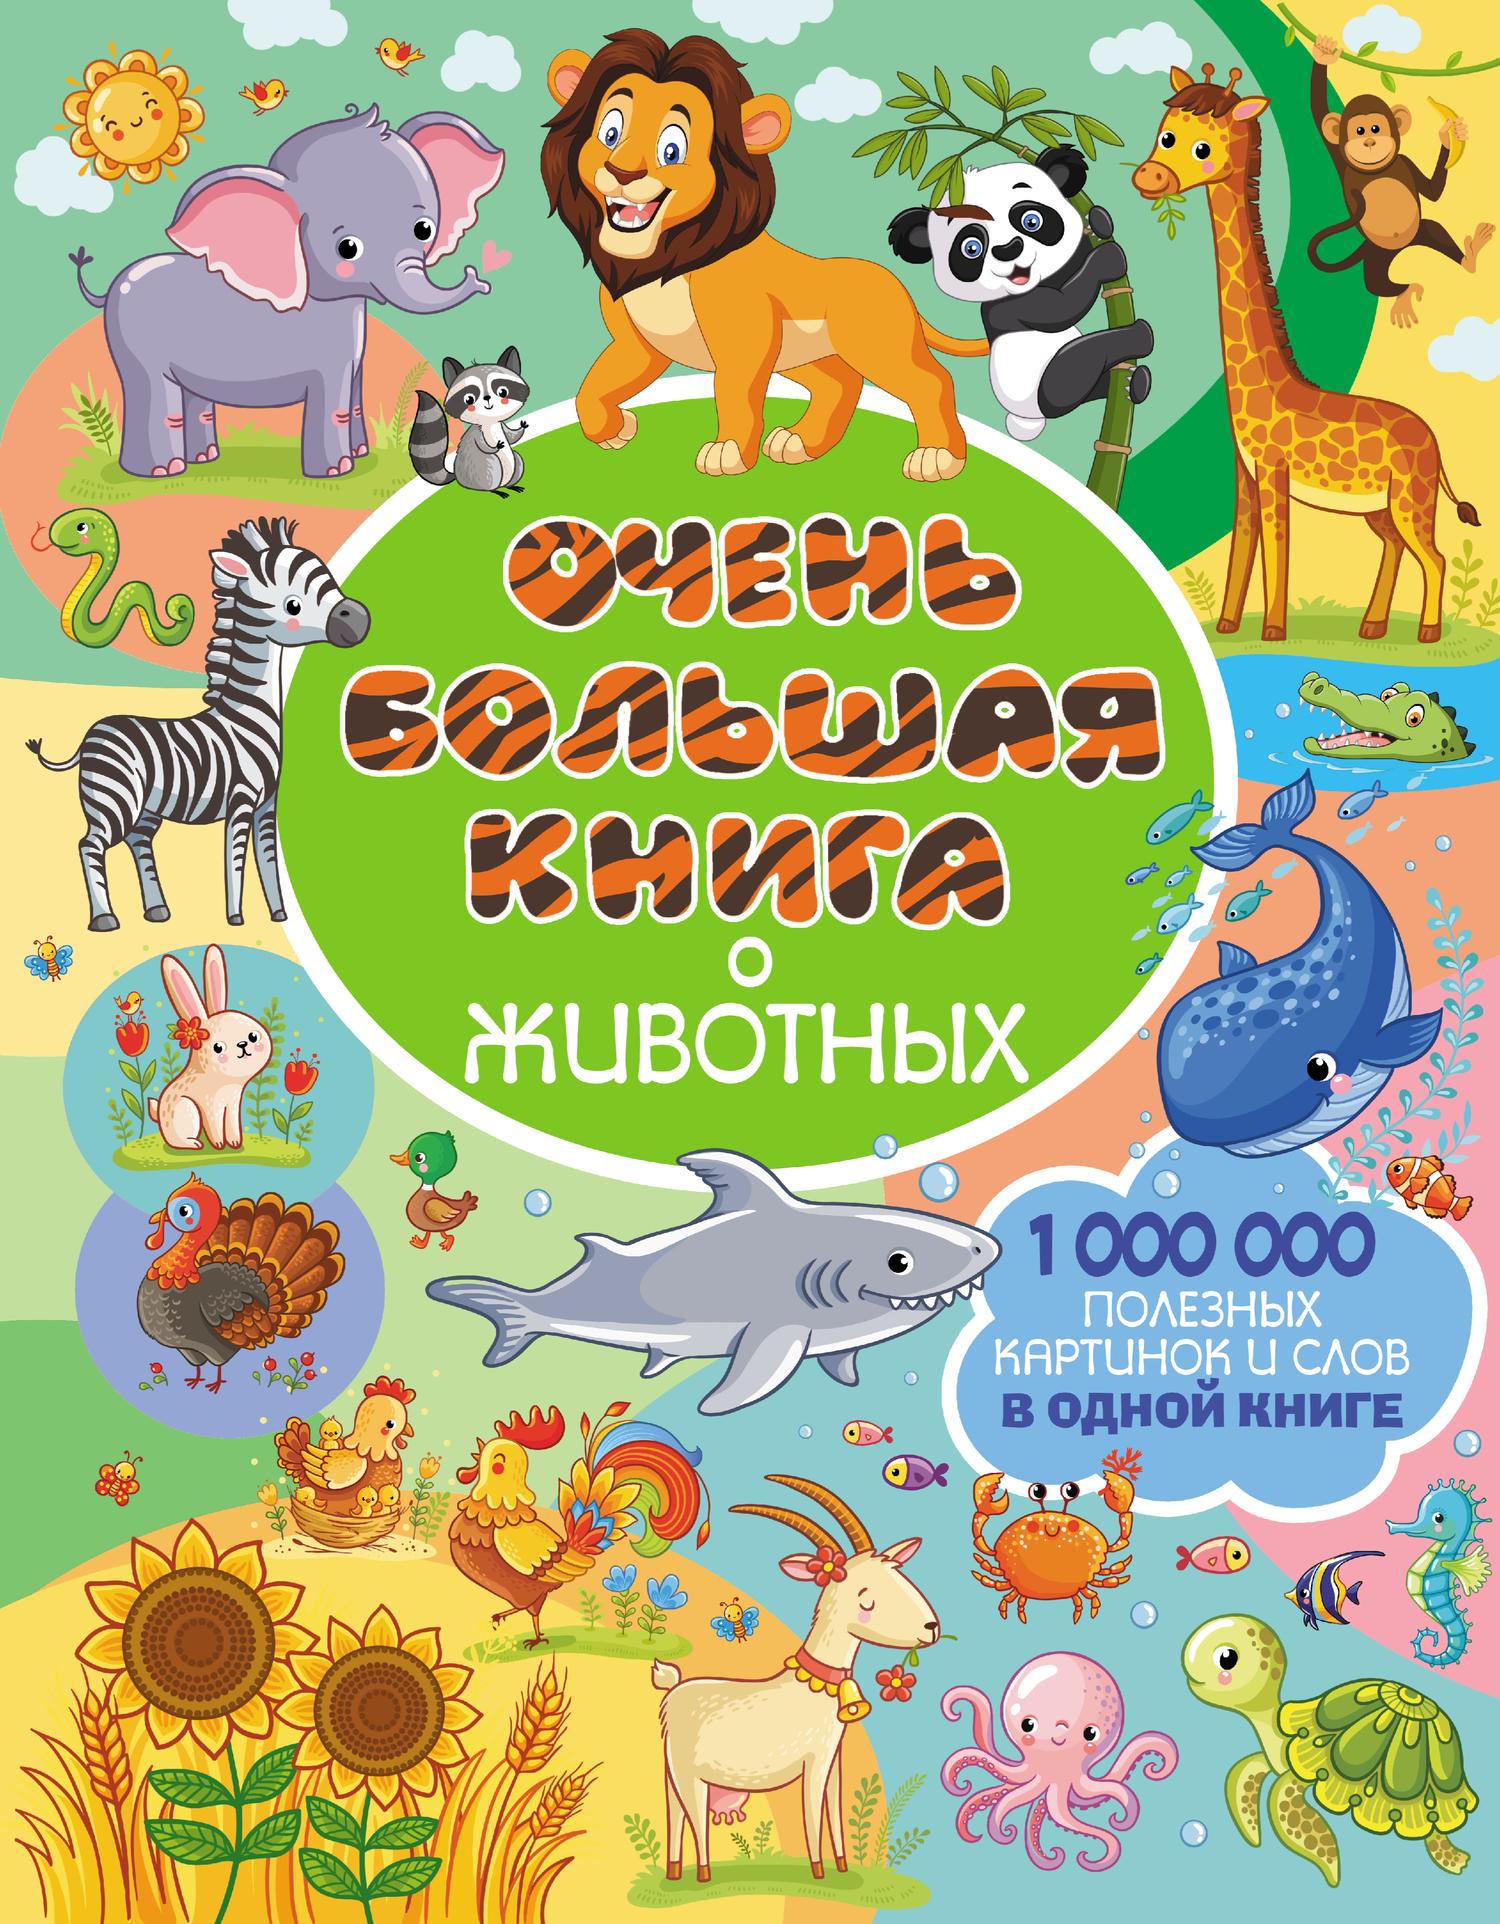 Людмила Доманская. Очень большая книга о животных